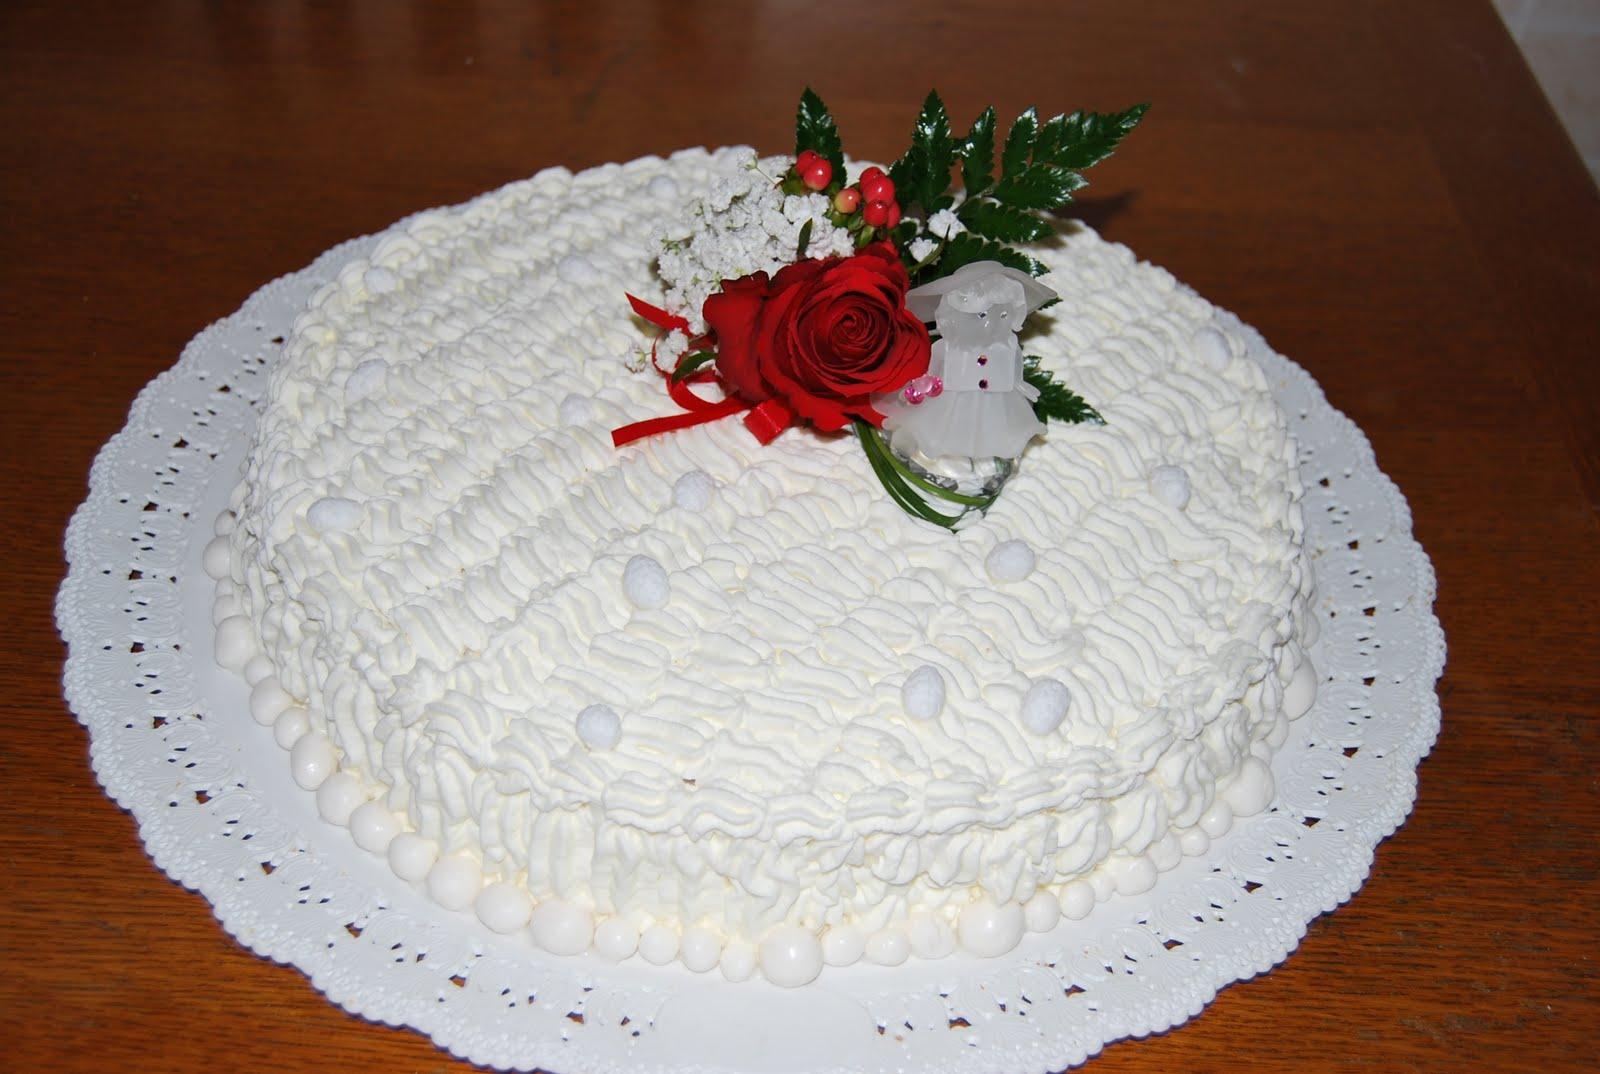 Pennelli mattarelli torta cresima for Decorazioni torte per cresima